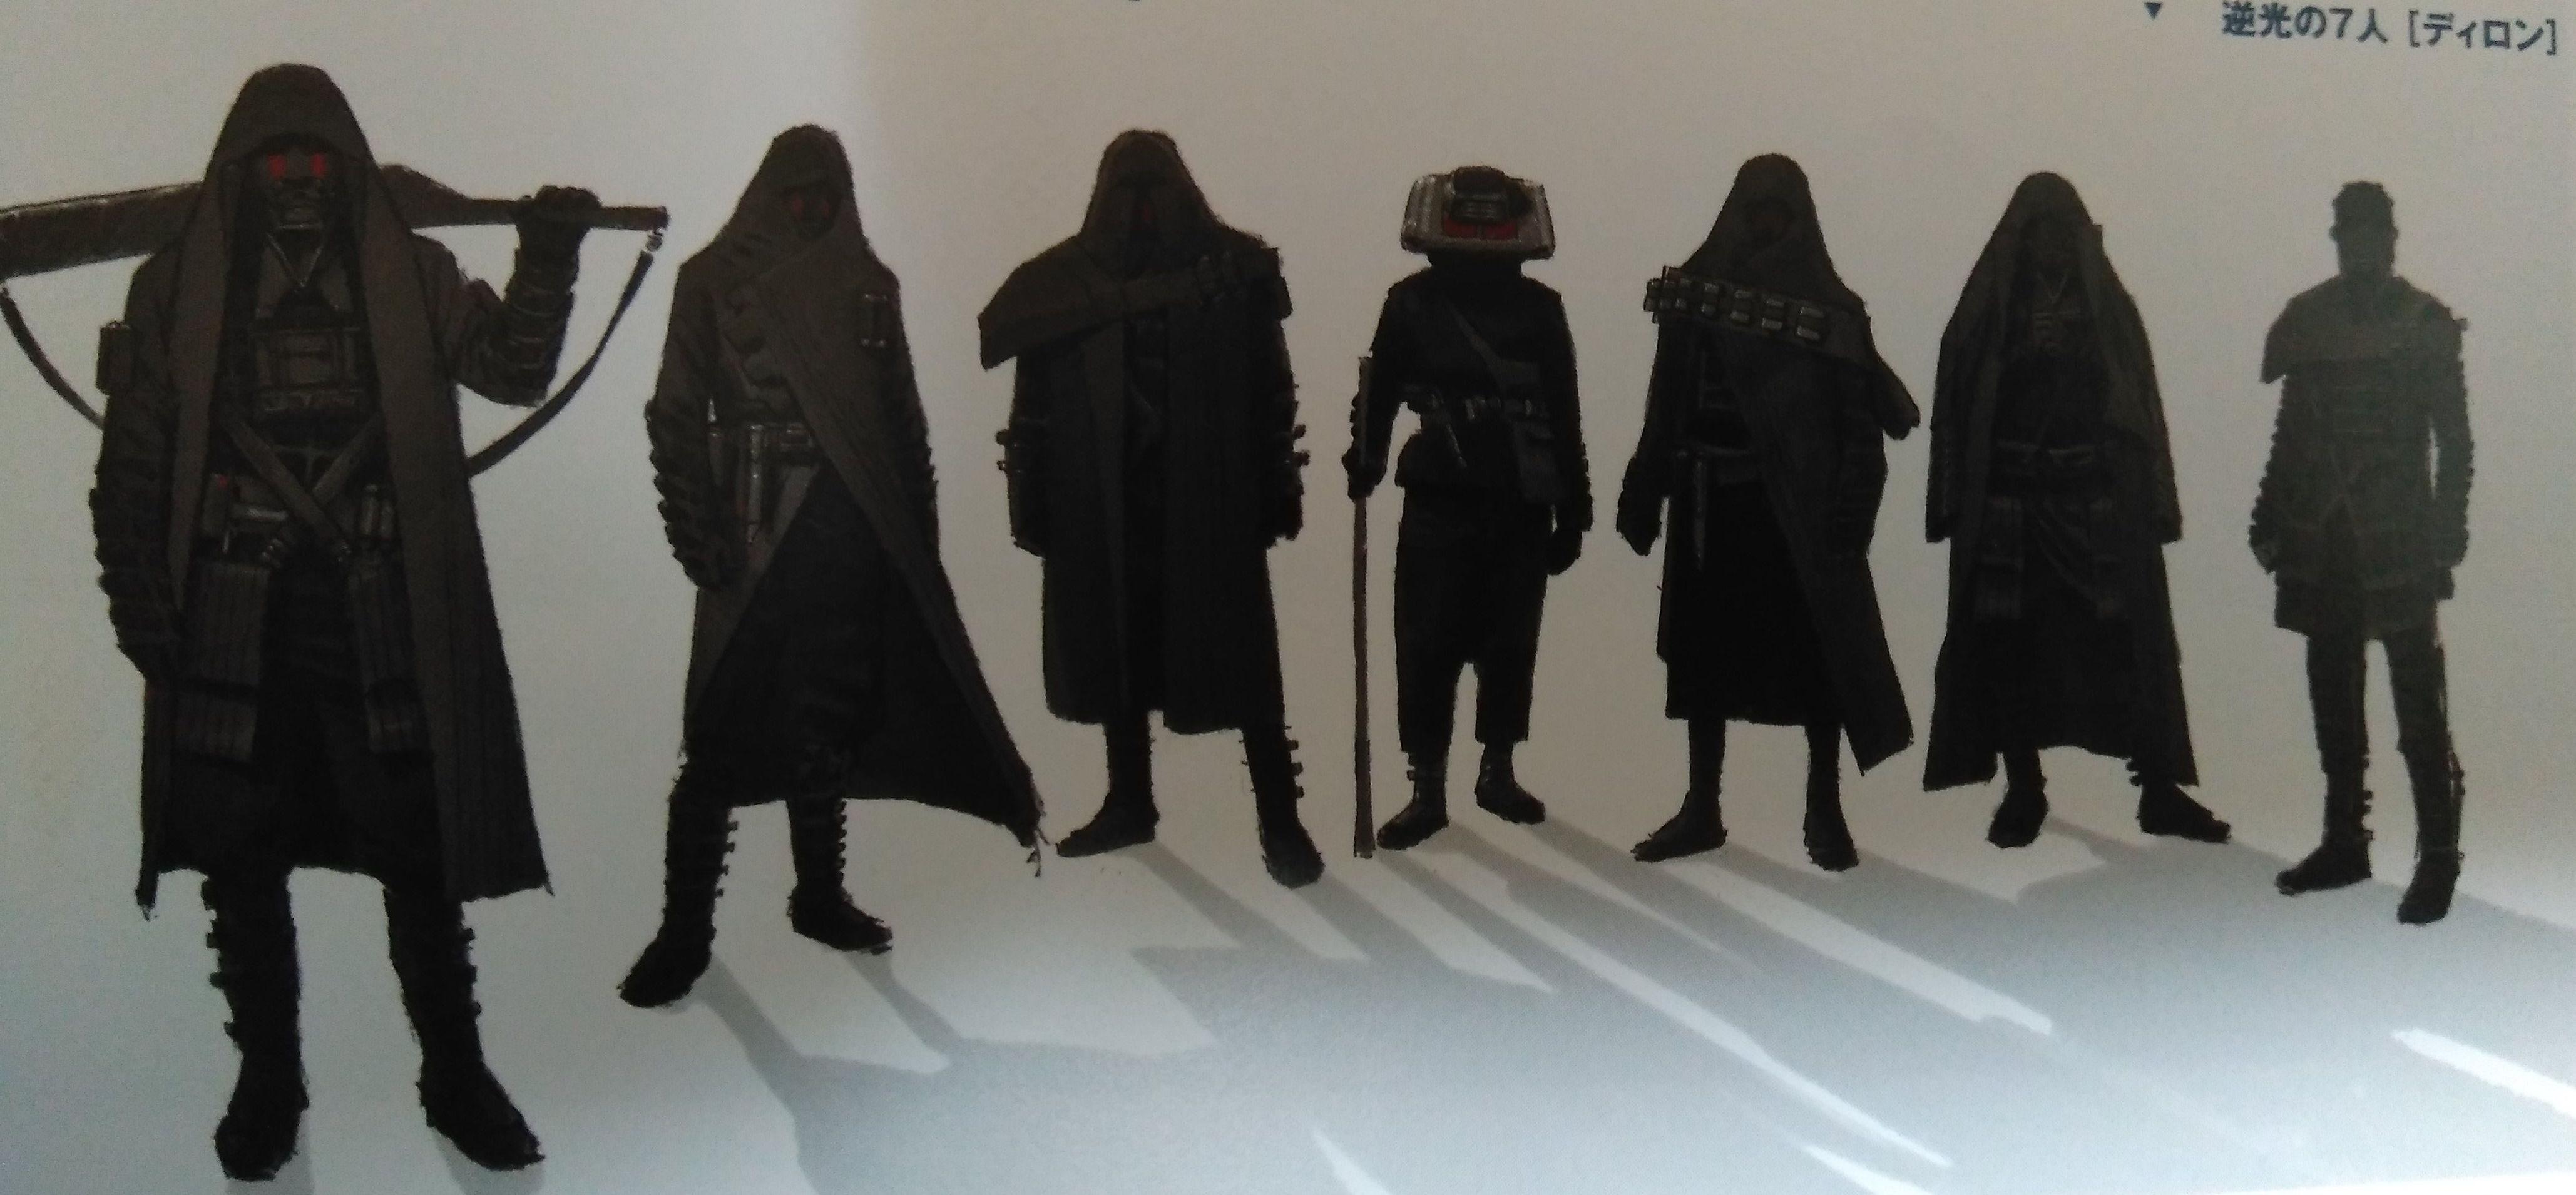 スターウォーズエピソード9でレン騎士団が大暴れ・・・(ネタバレ注意)